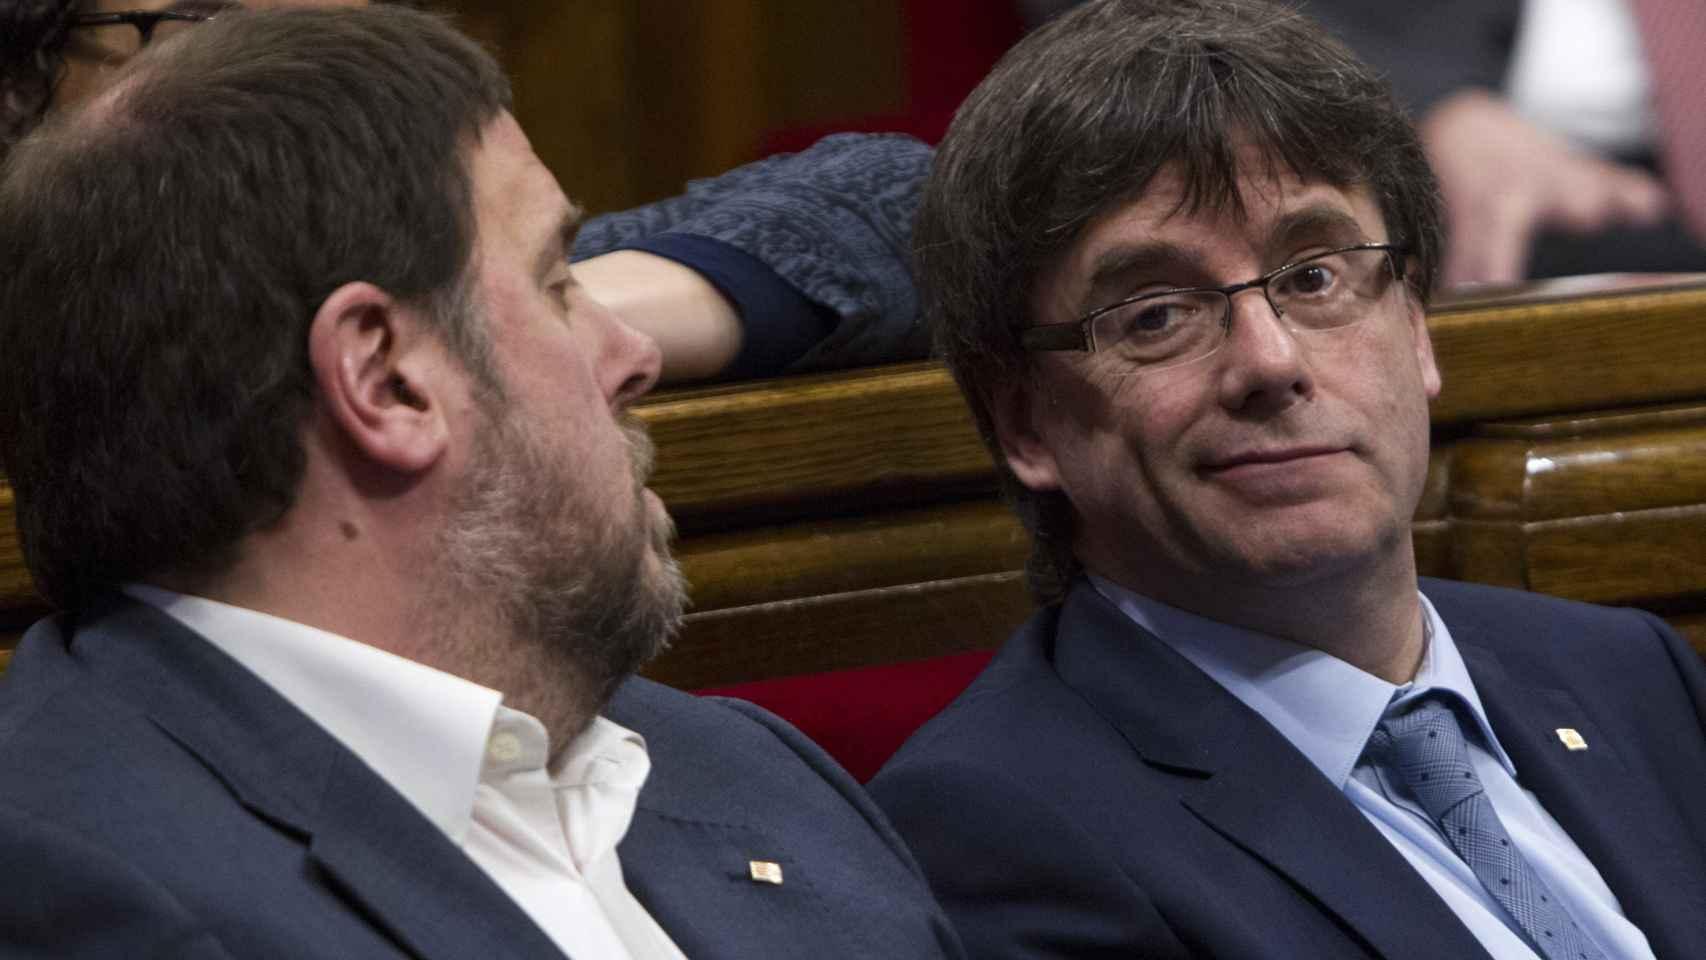 El vicepresidente del Govern, Oriol Junqueras, junto al presidente, Carles Puigdemont .